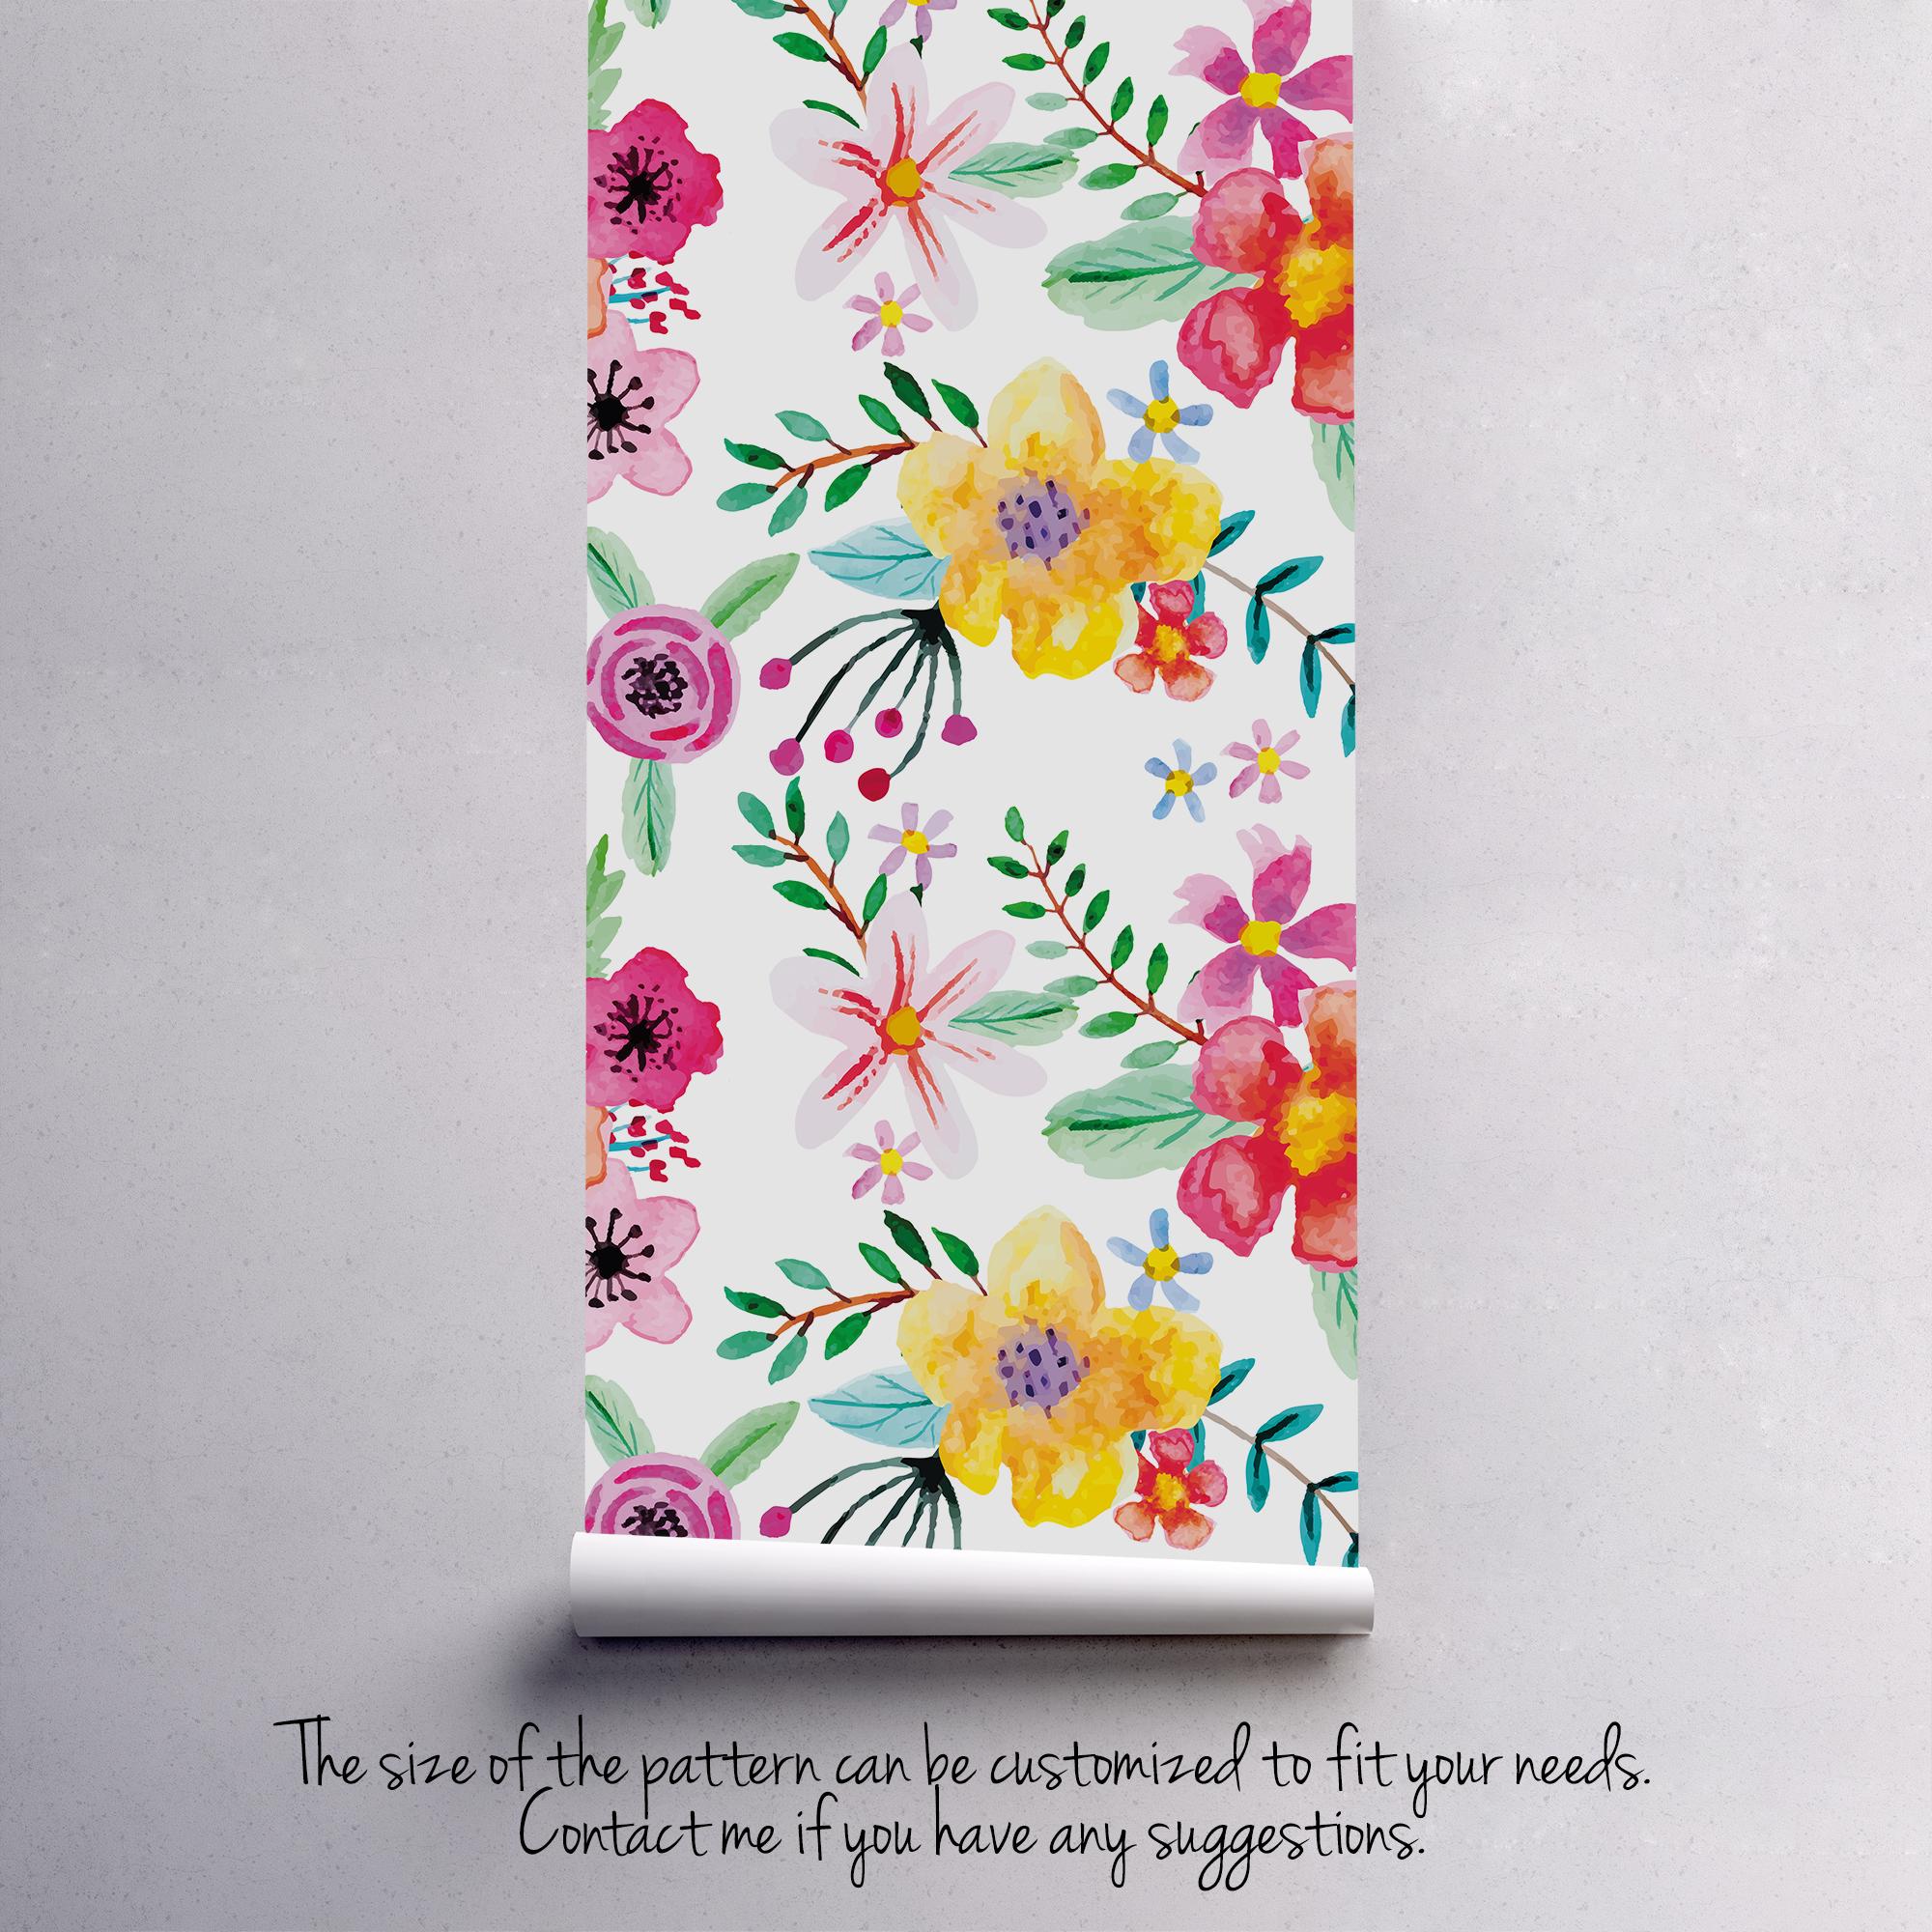 Florist S Dream Removable Wallpaper Floral Wallpaper Removable Wallpaper Wall Murals